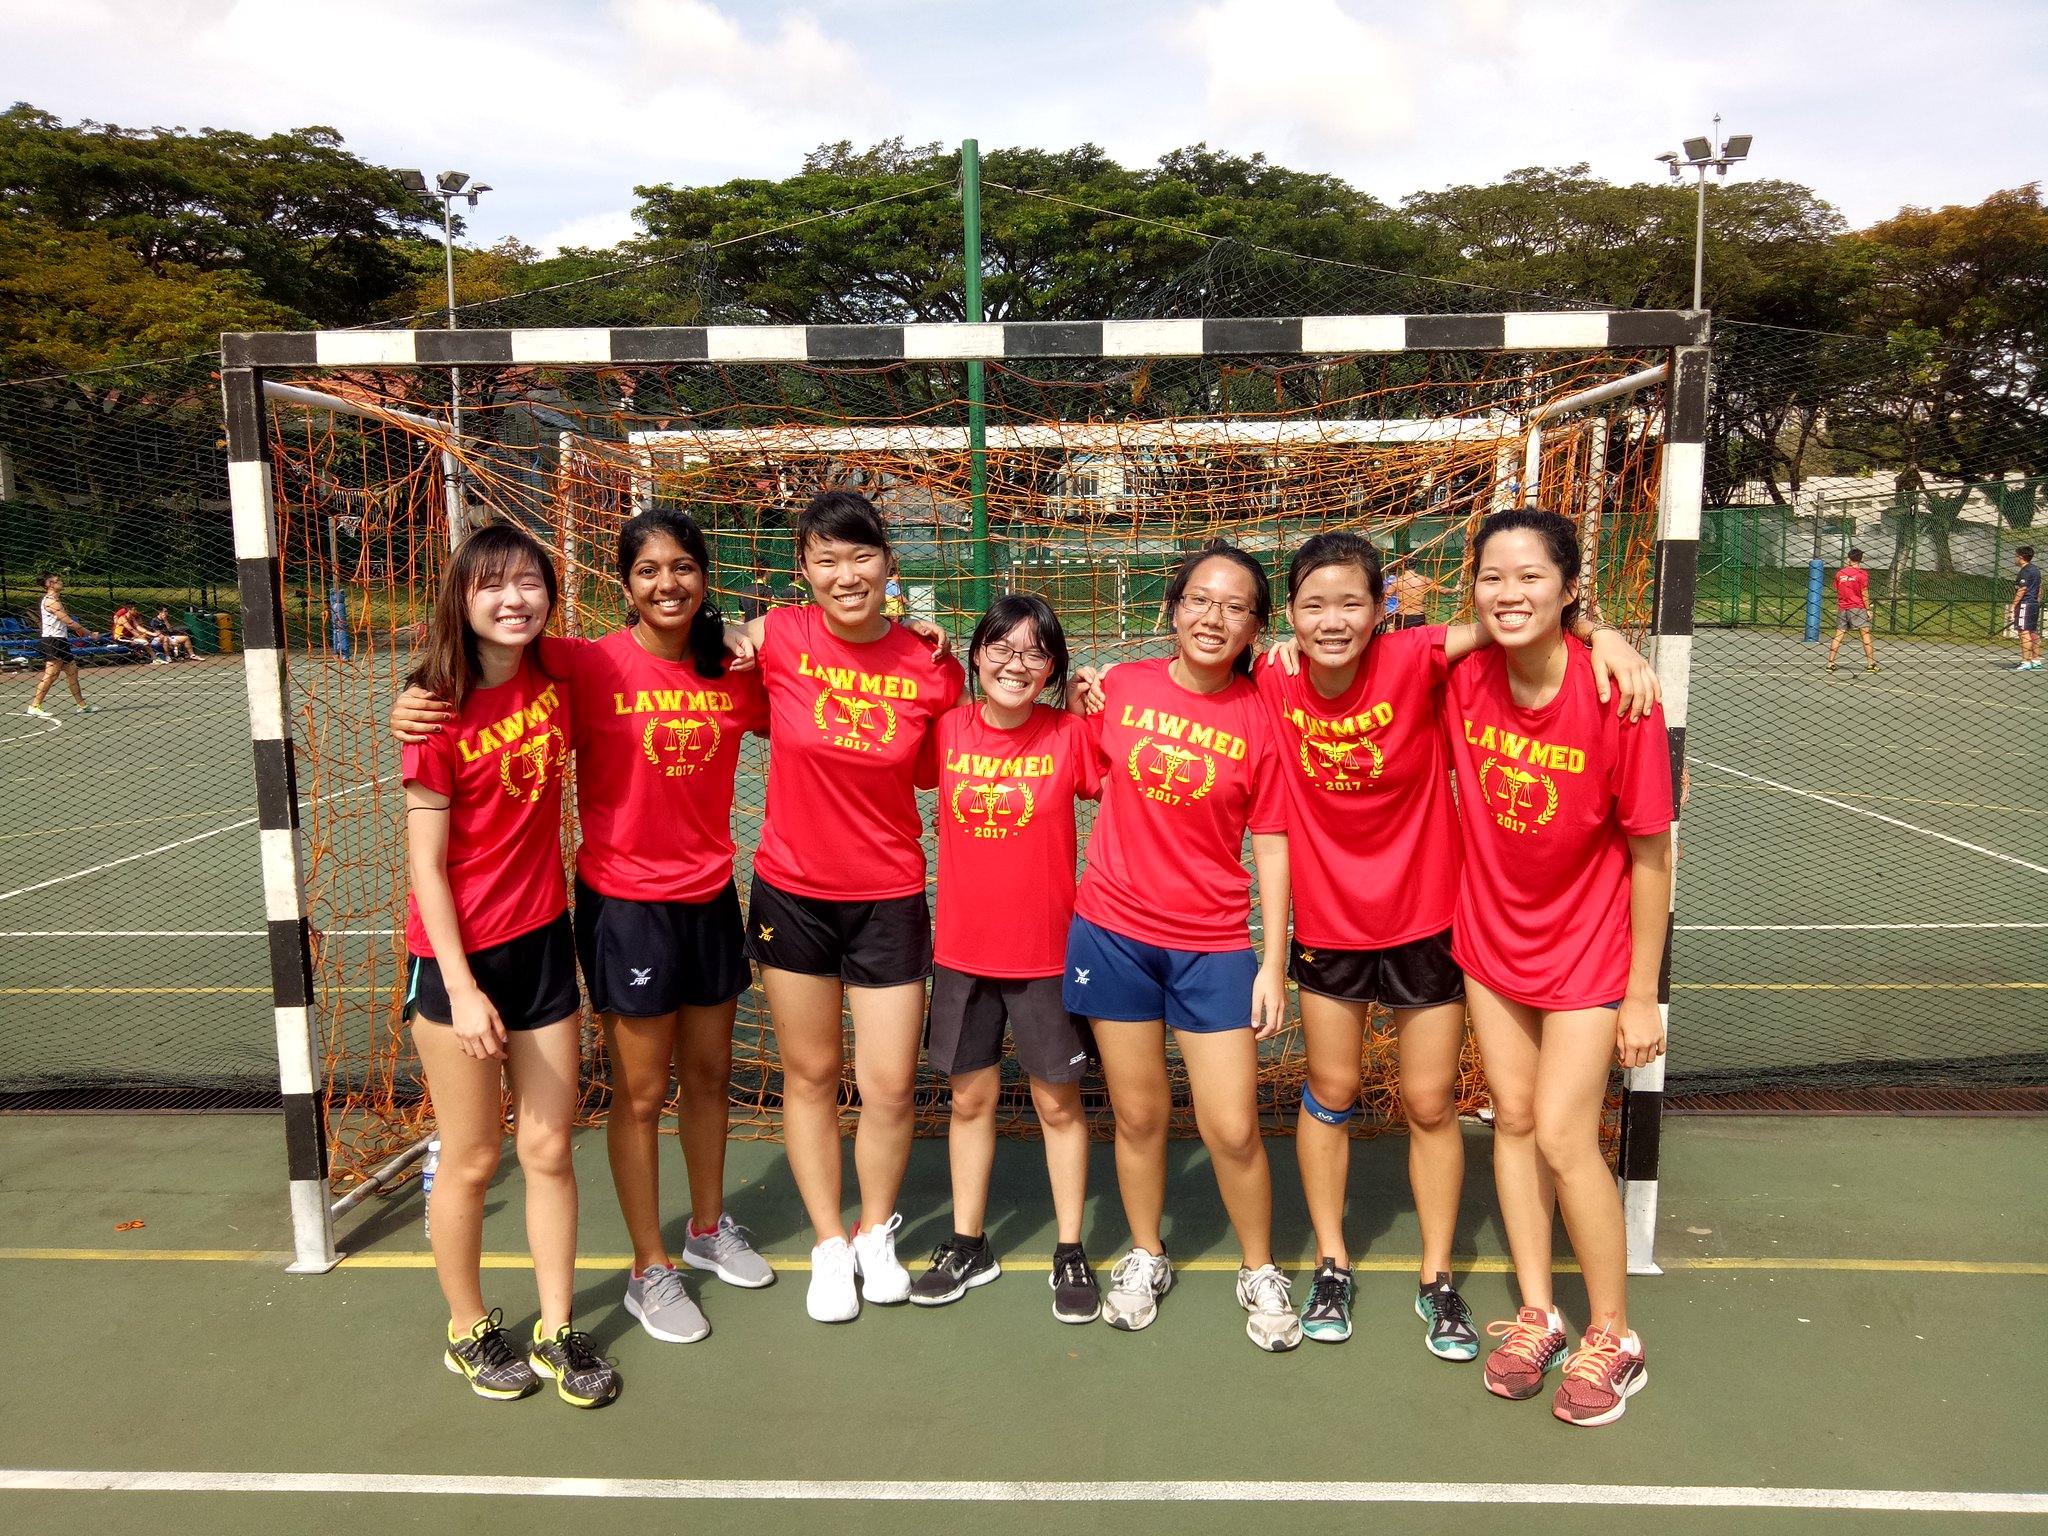 (from left) Zheng Fan, Sumedha, Yufei, Carmen, Yuxin, Joelle, Joan